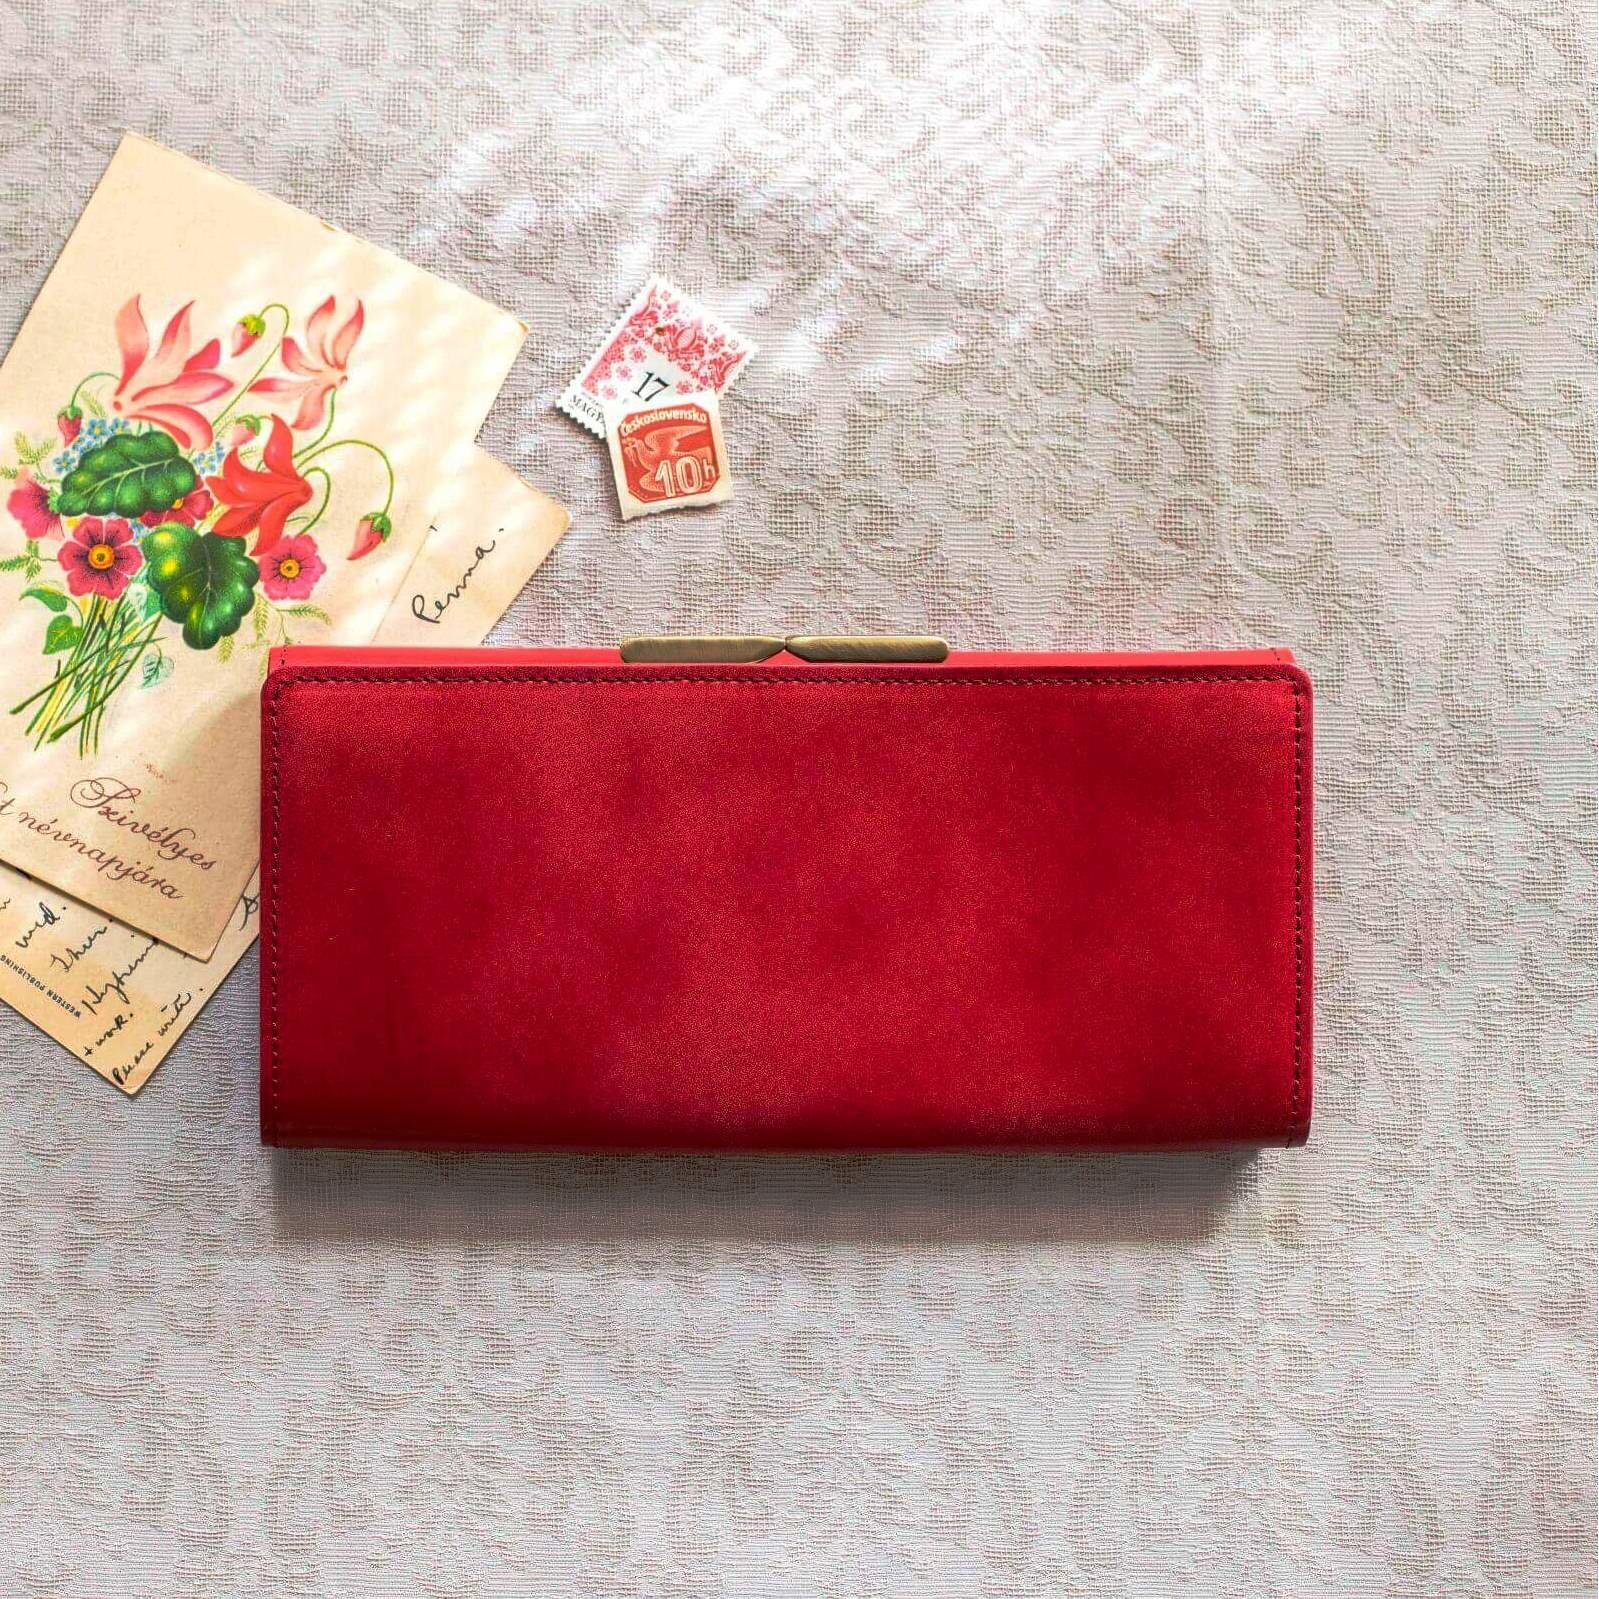 職人が誂えた上質本革がま口付き長財布〈アップルレッド〉[本革 財布:日本製]